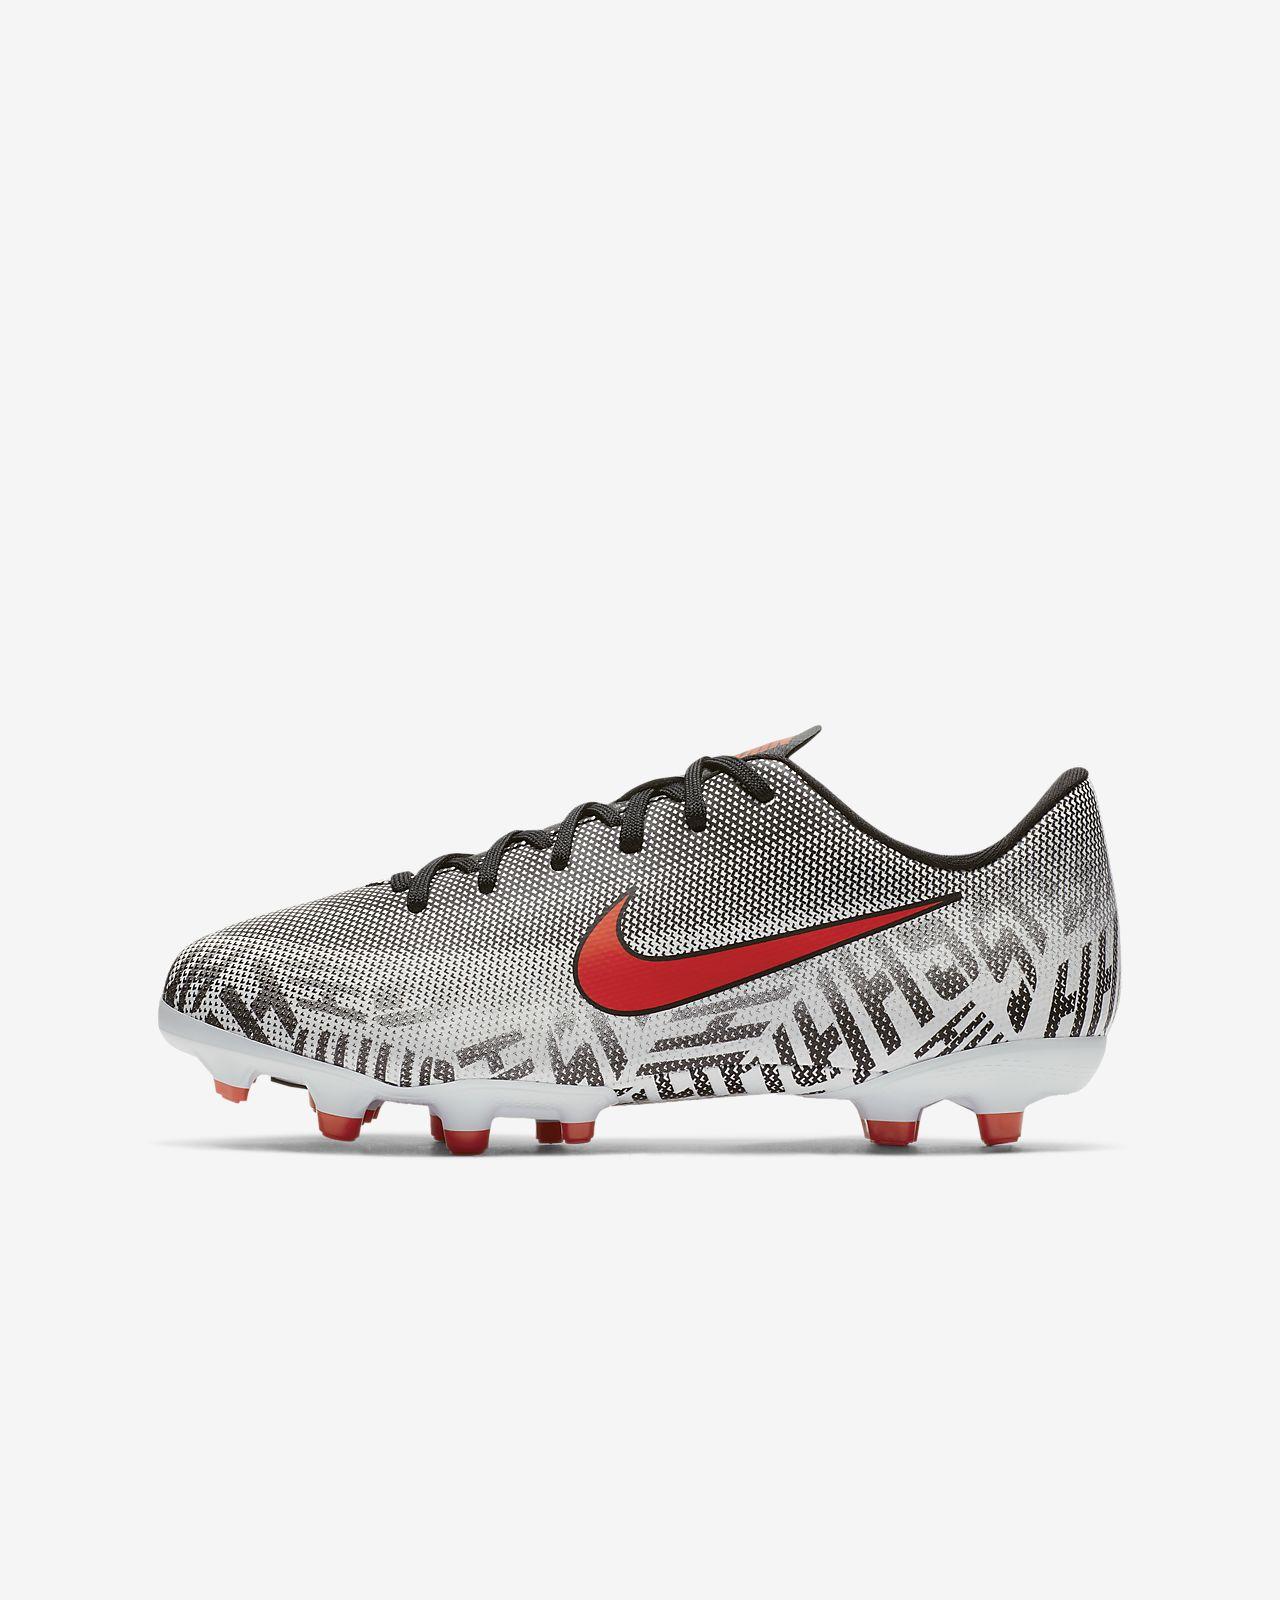 Ποδοσφαιρικό παπούτσι για πολλές επιφάνειες Nike Jr. Mercurial Vapor XII Academy Neymar Jr για μικρά/μεγάλα παιδιά